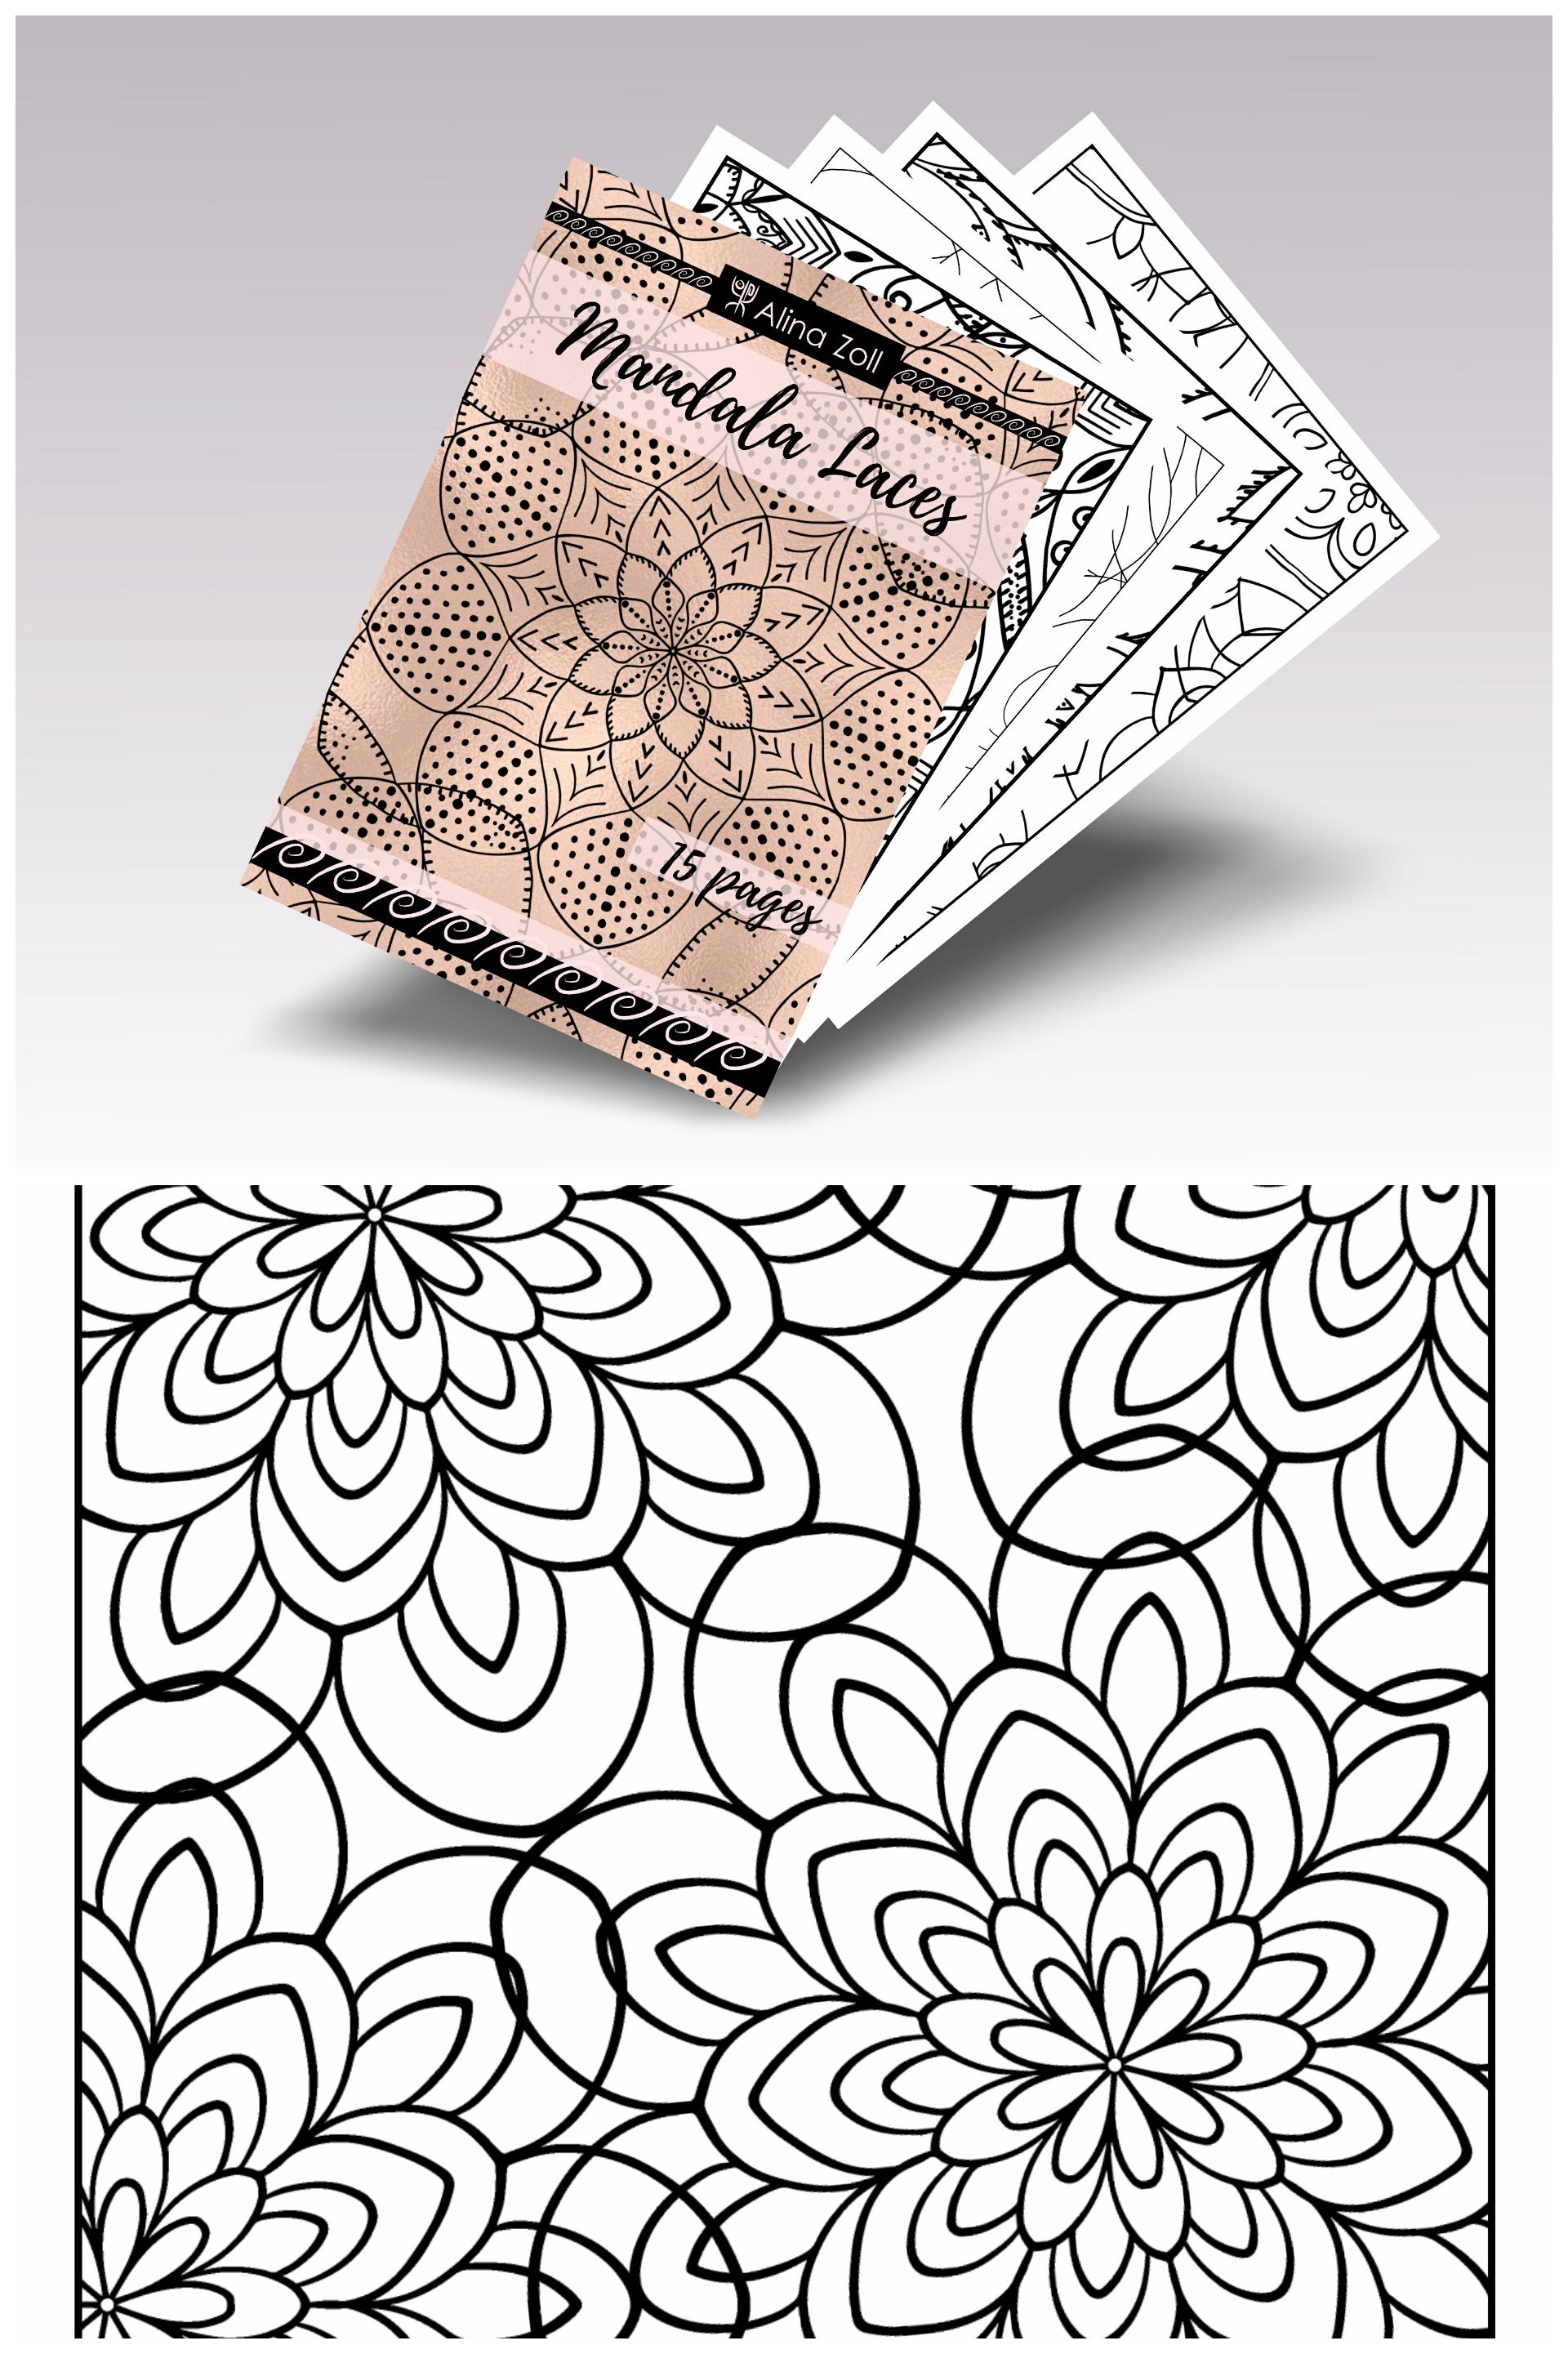 Digital Adult Coloring Book Mandala Laces Printable Coloring